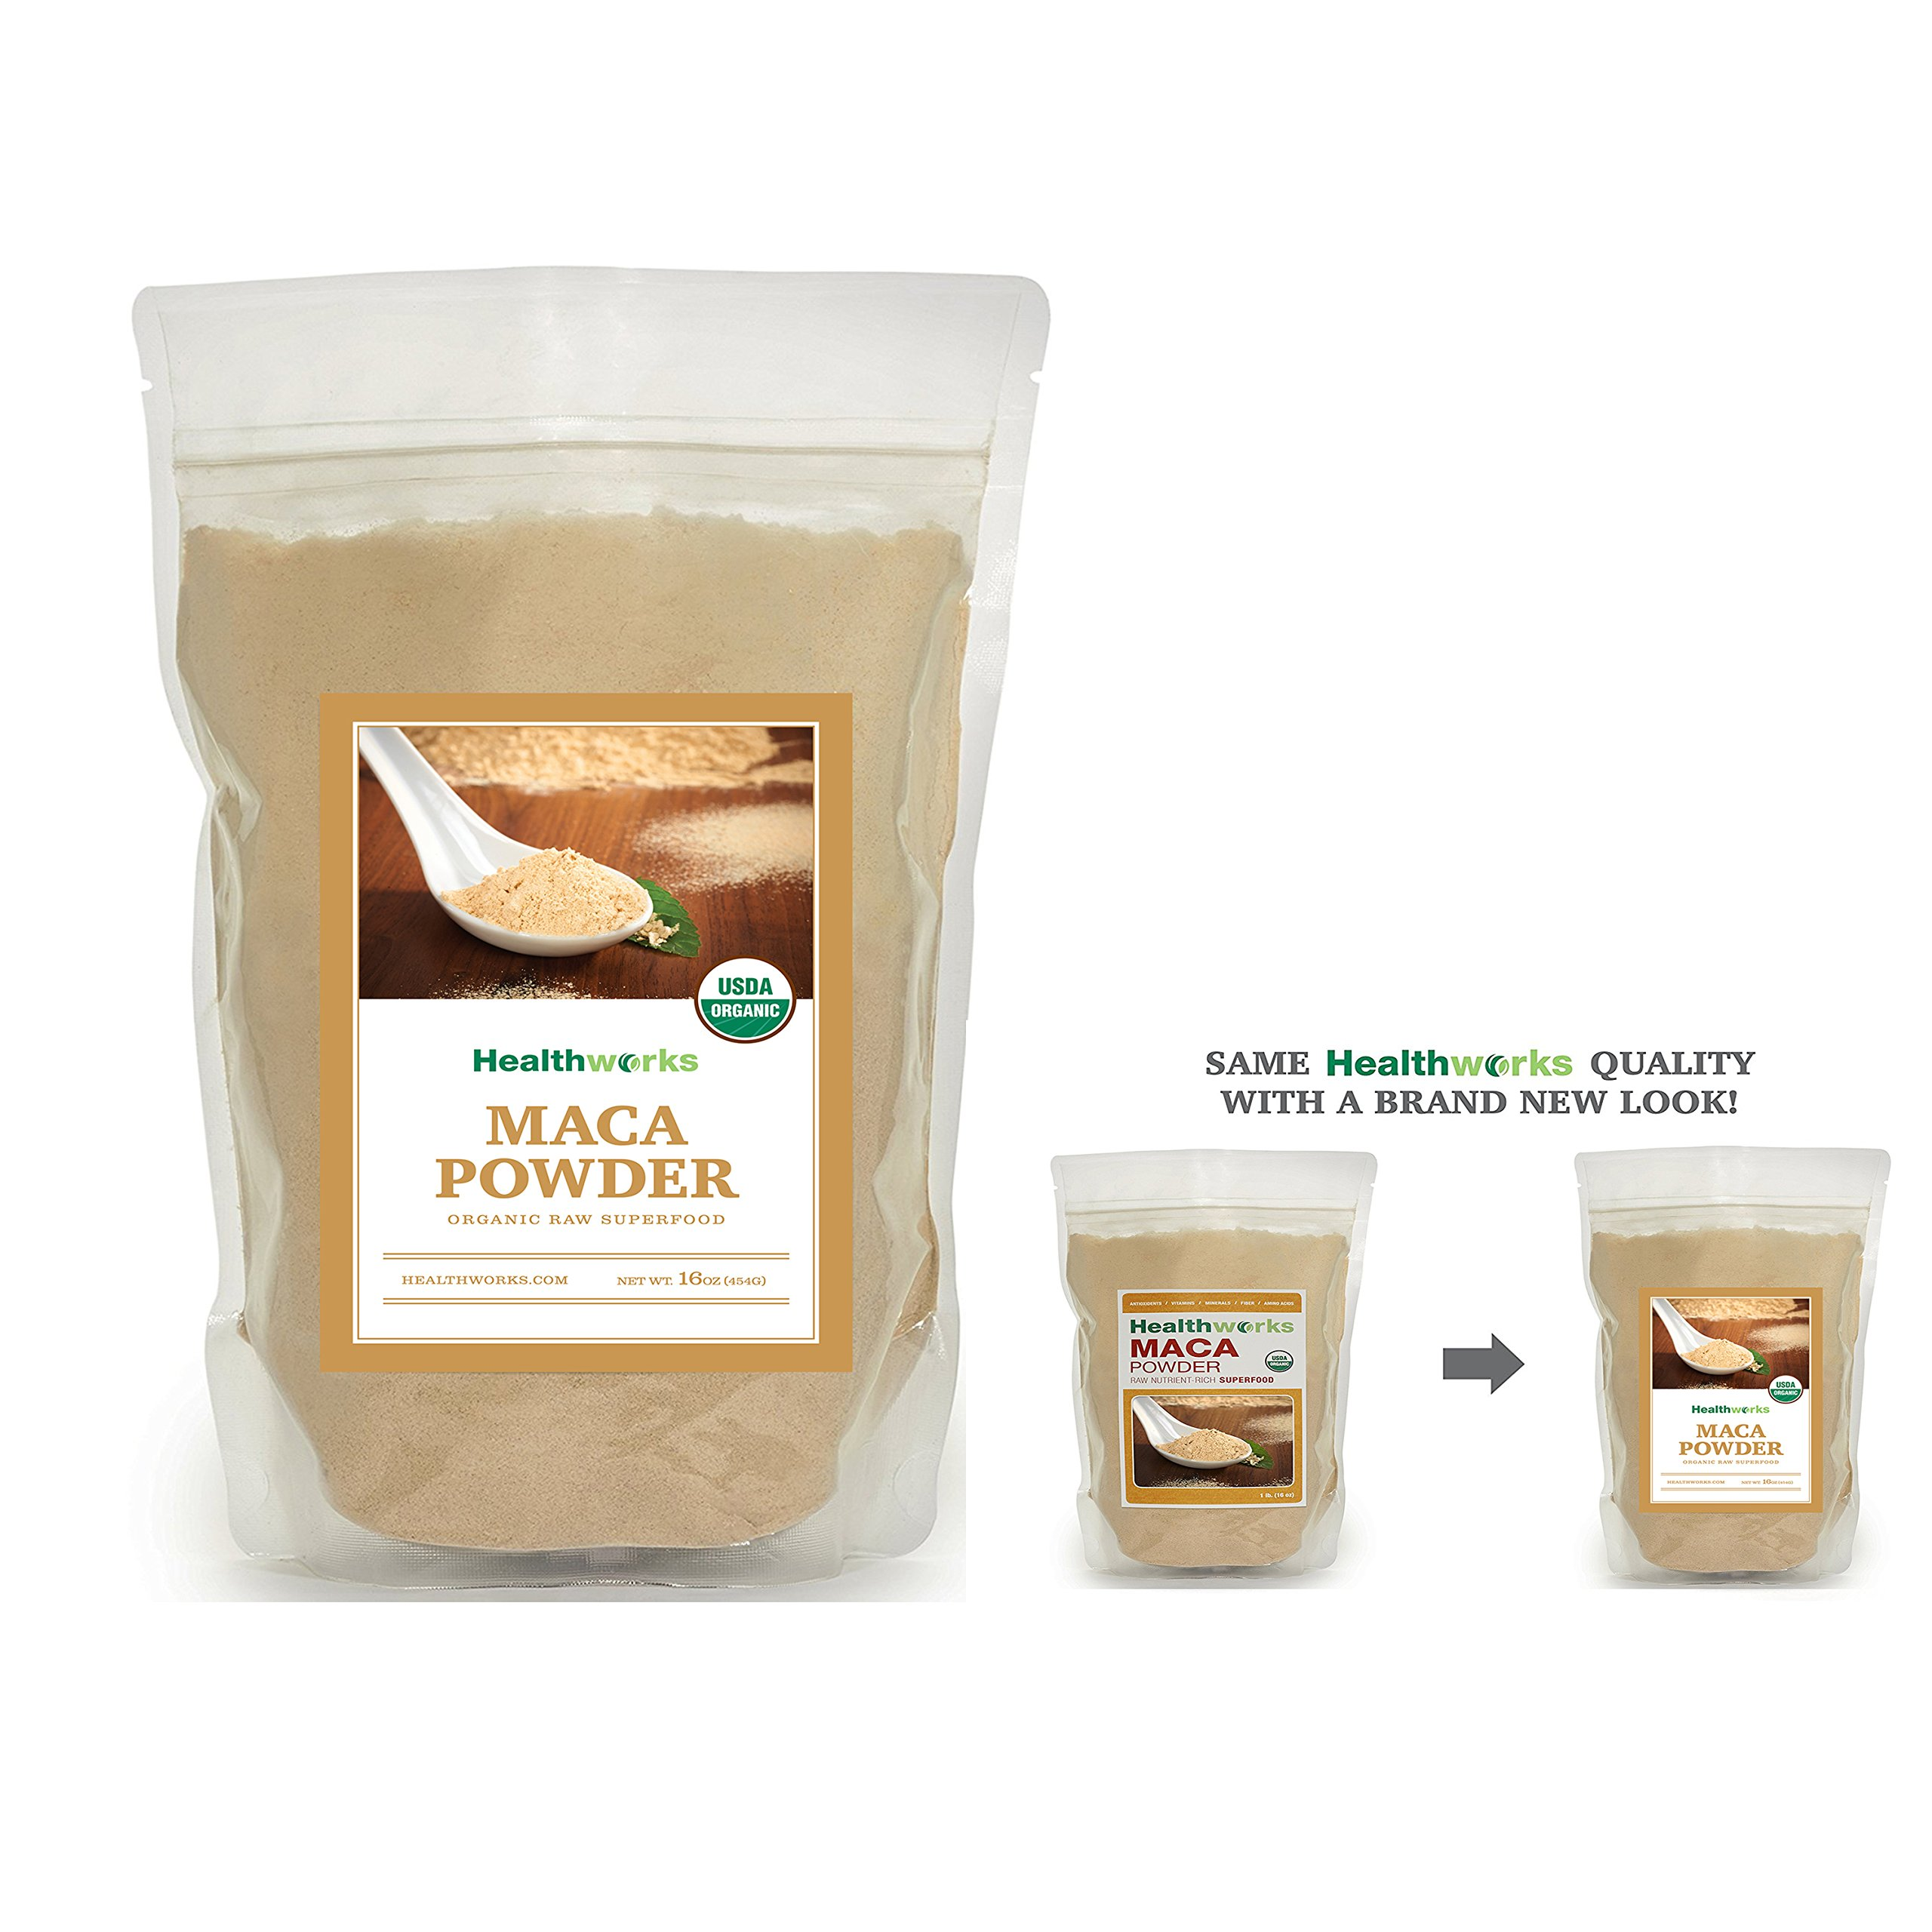 Healthworks Maca Powder Raw Organic, 1lb